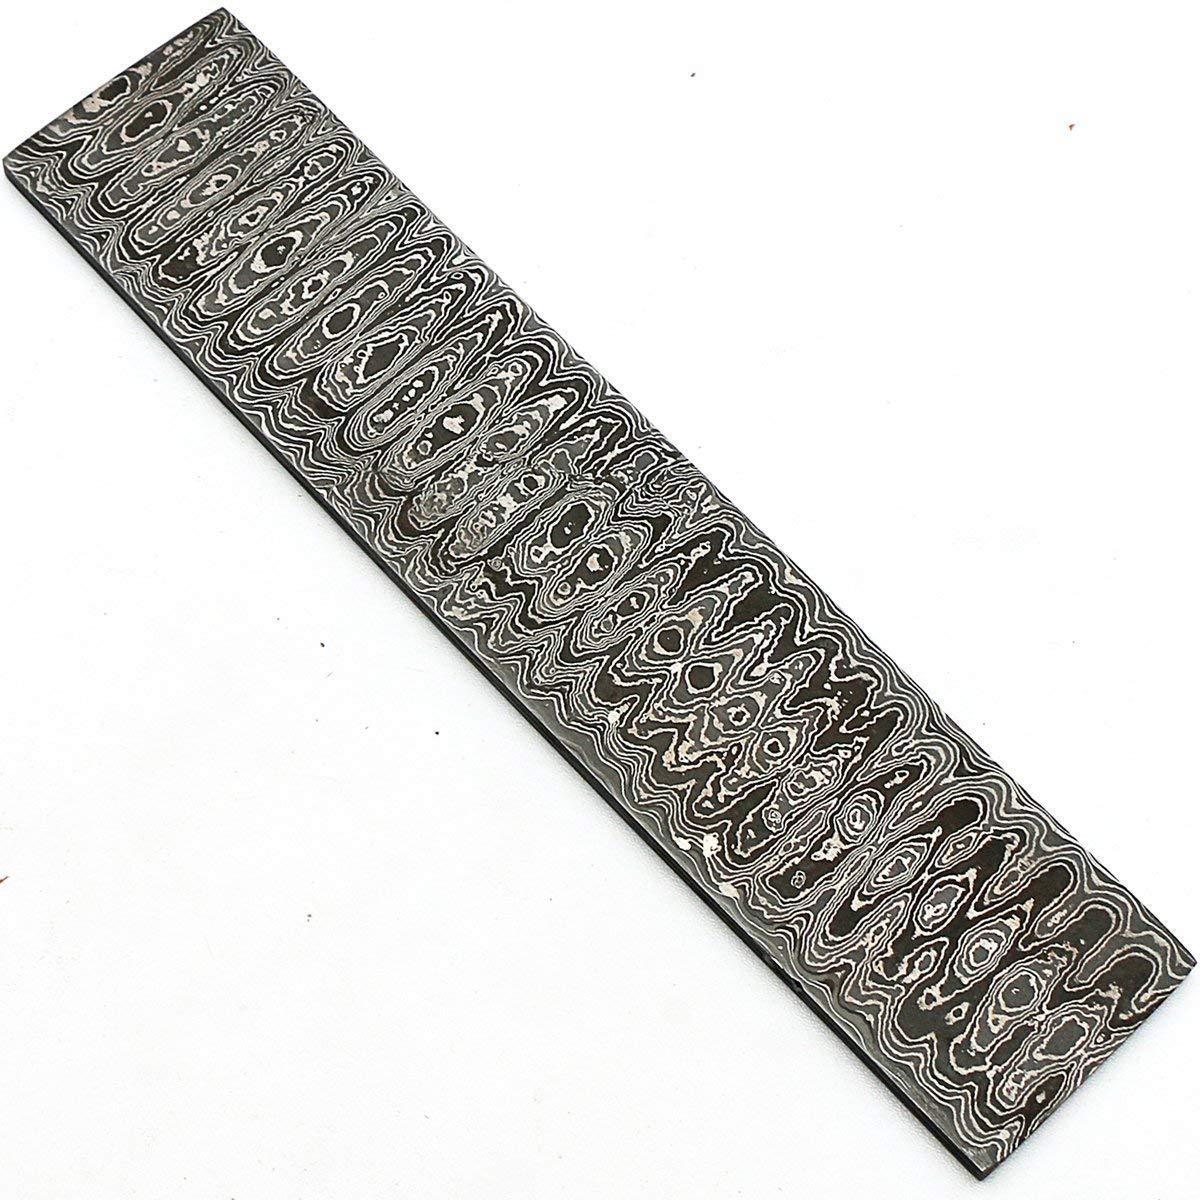 Tocho de acero de damasco hecho a mano con patrón de ...